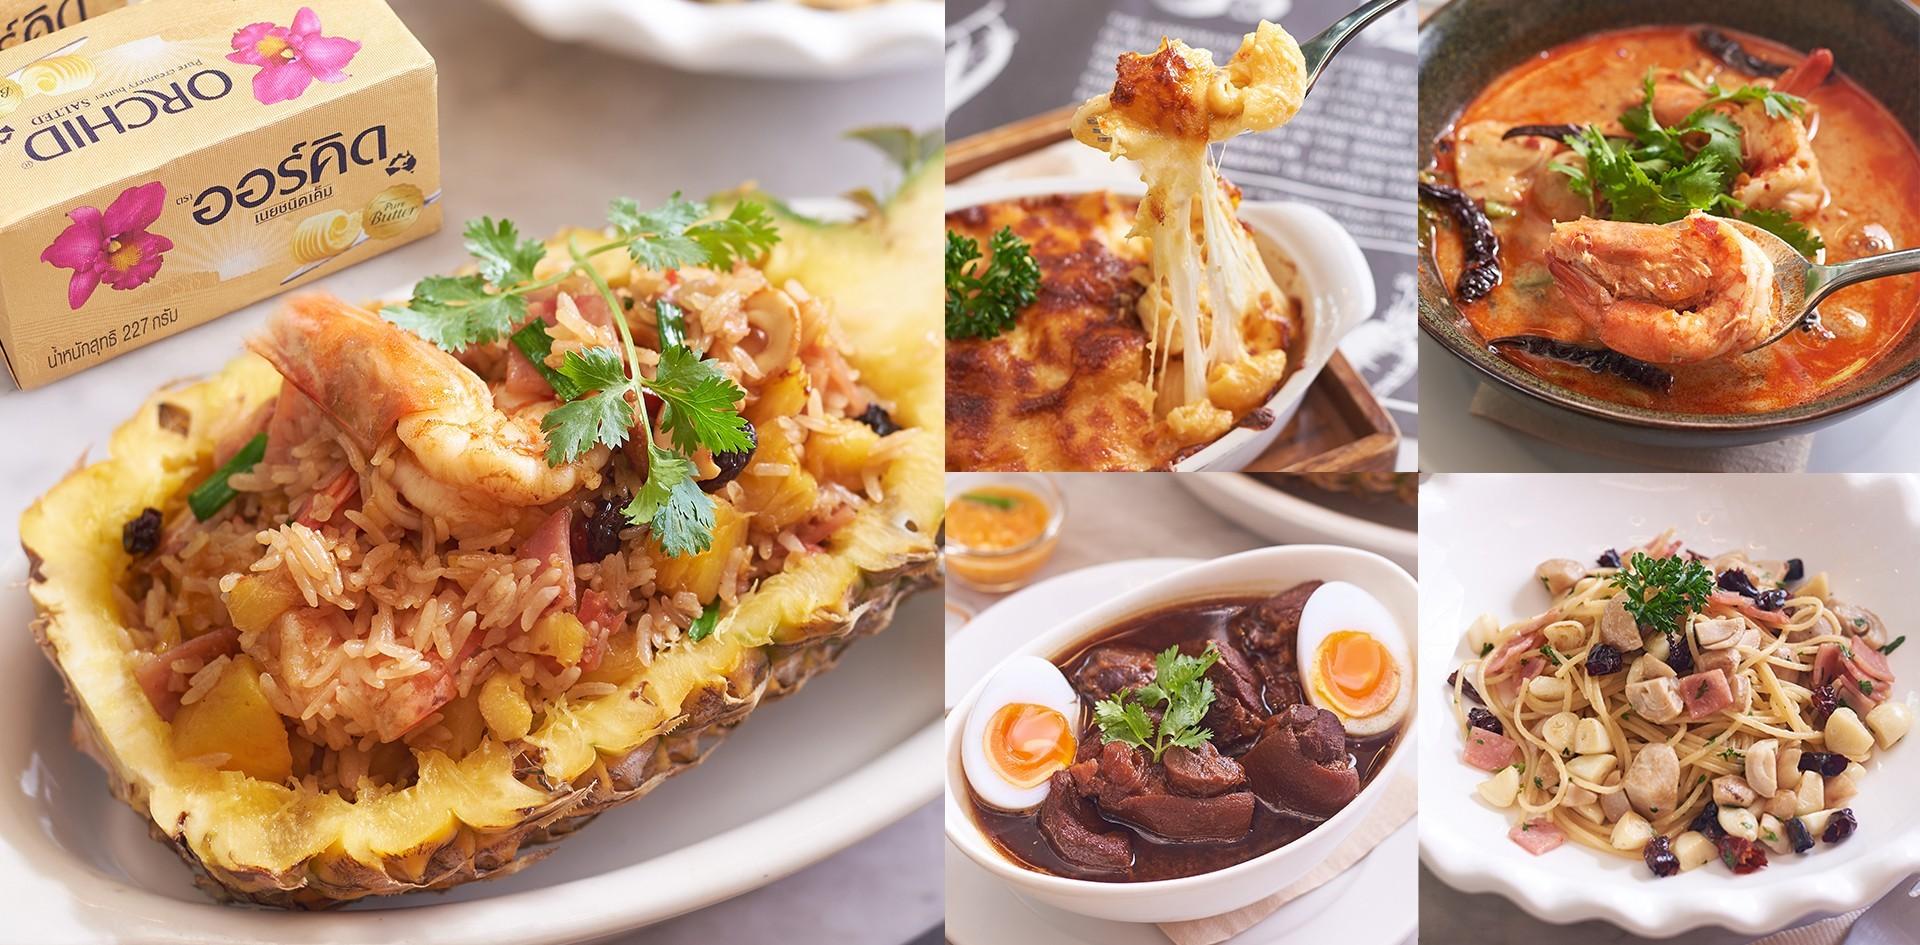 อิ่มฟินเพลินพุง! กับ 6 เมนูไทย-ฝรั่ง-ฟิวชัน หลากรสชาติ @กับข้าว กับปลา